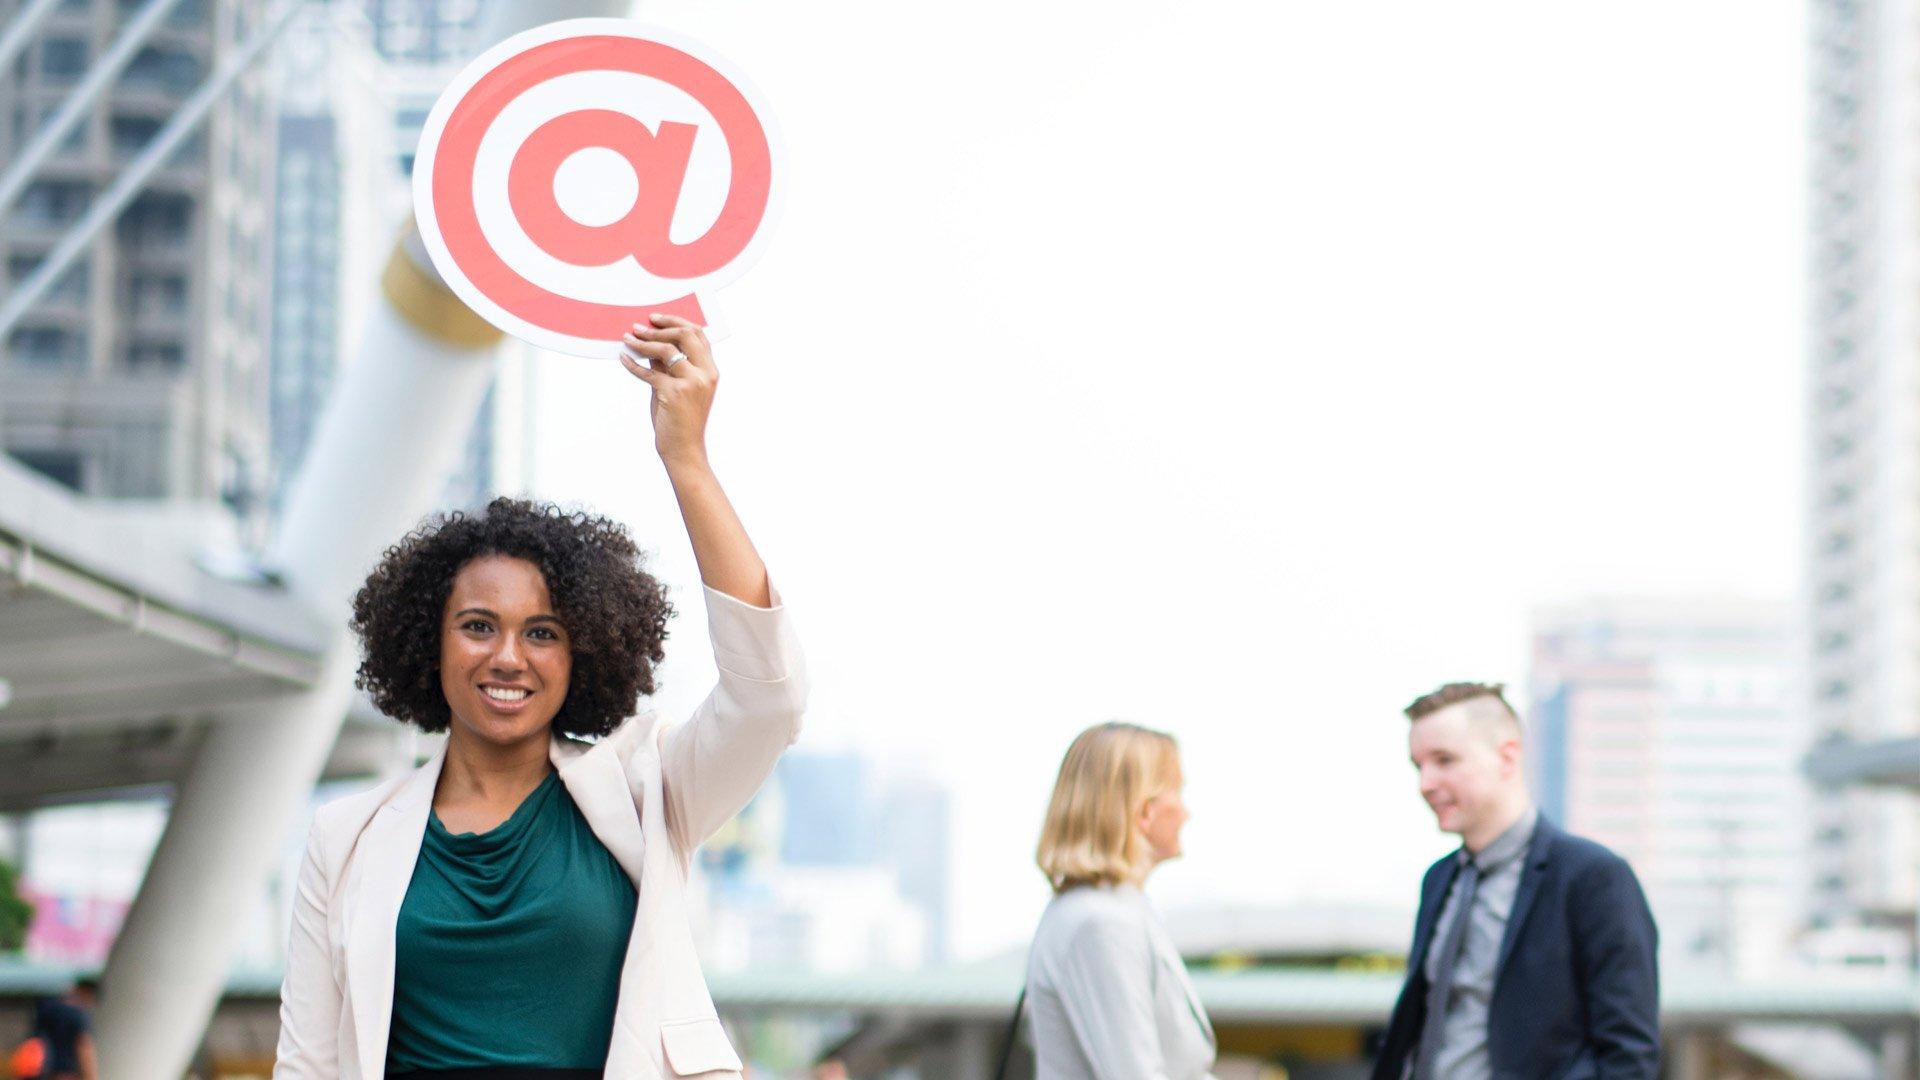 Consigli email marketing | L'email è un mezzo importante per raggiungere nuovi e vecchi contatti